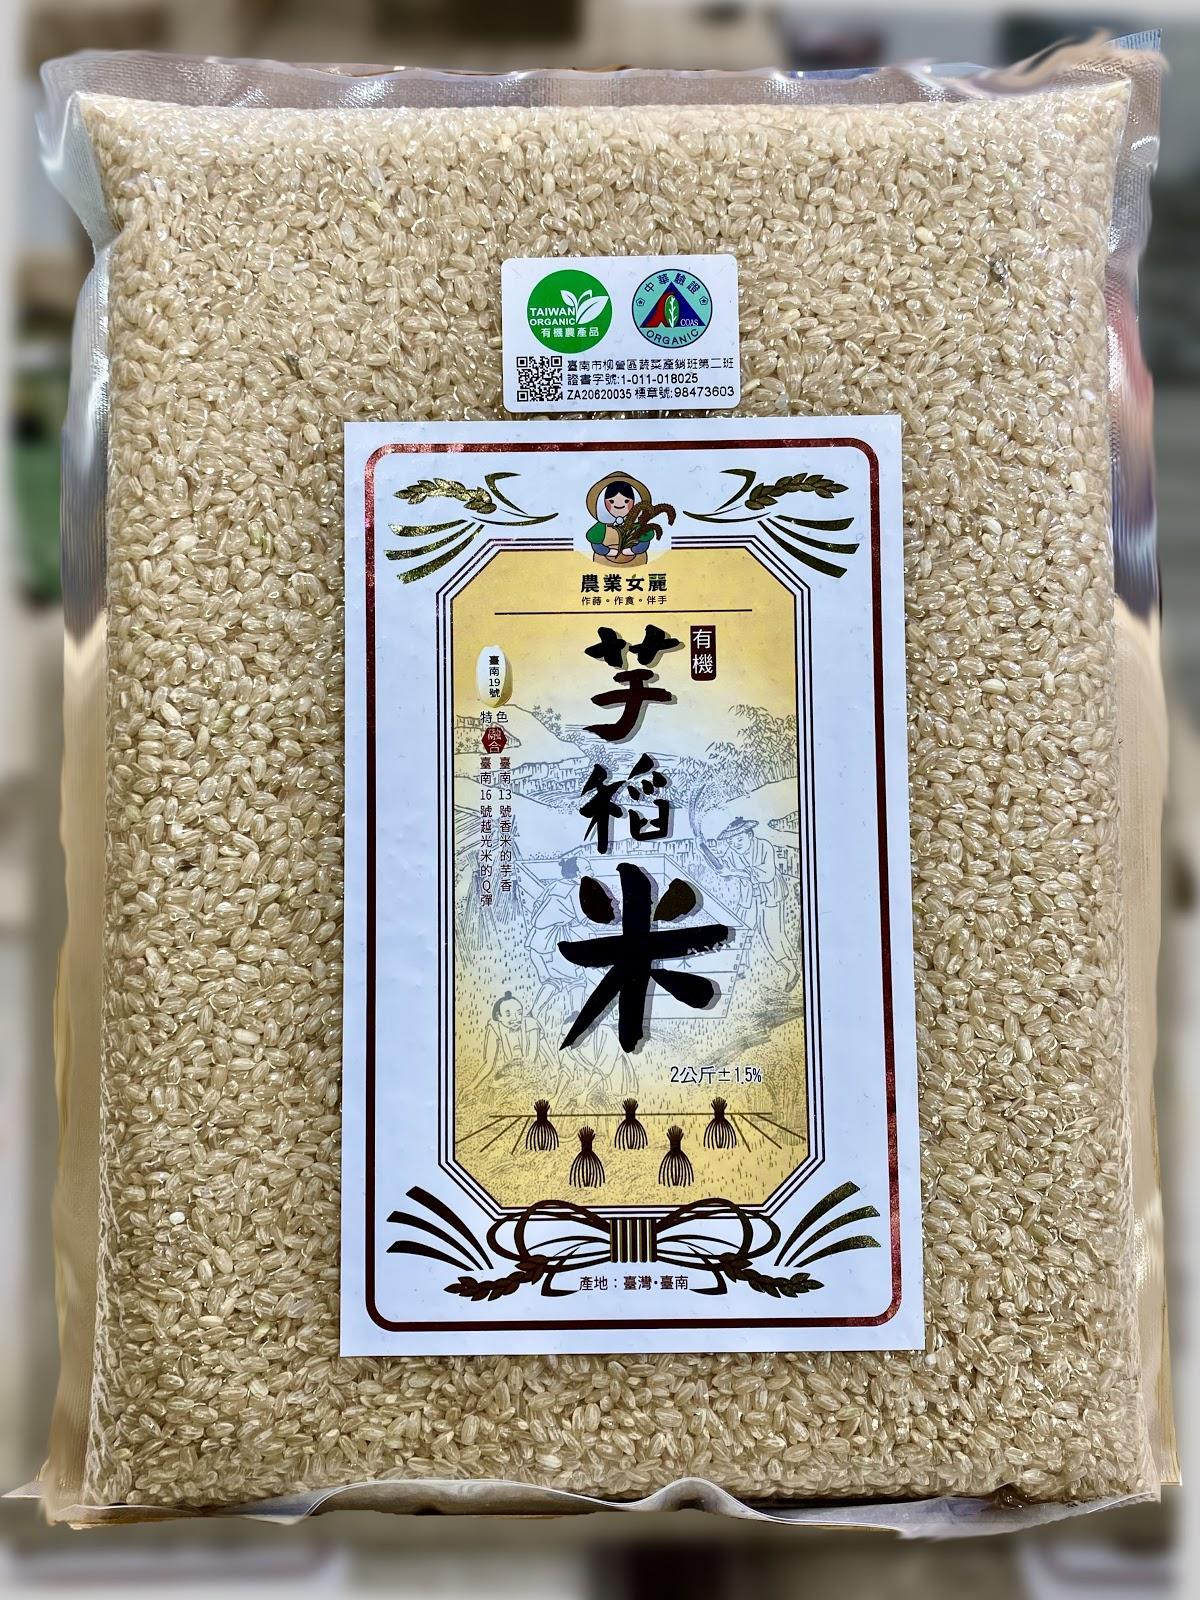 特價:有機芋稻米-糙米(2公斤裝) ( 2021.11)